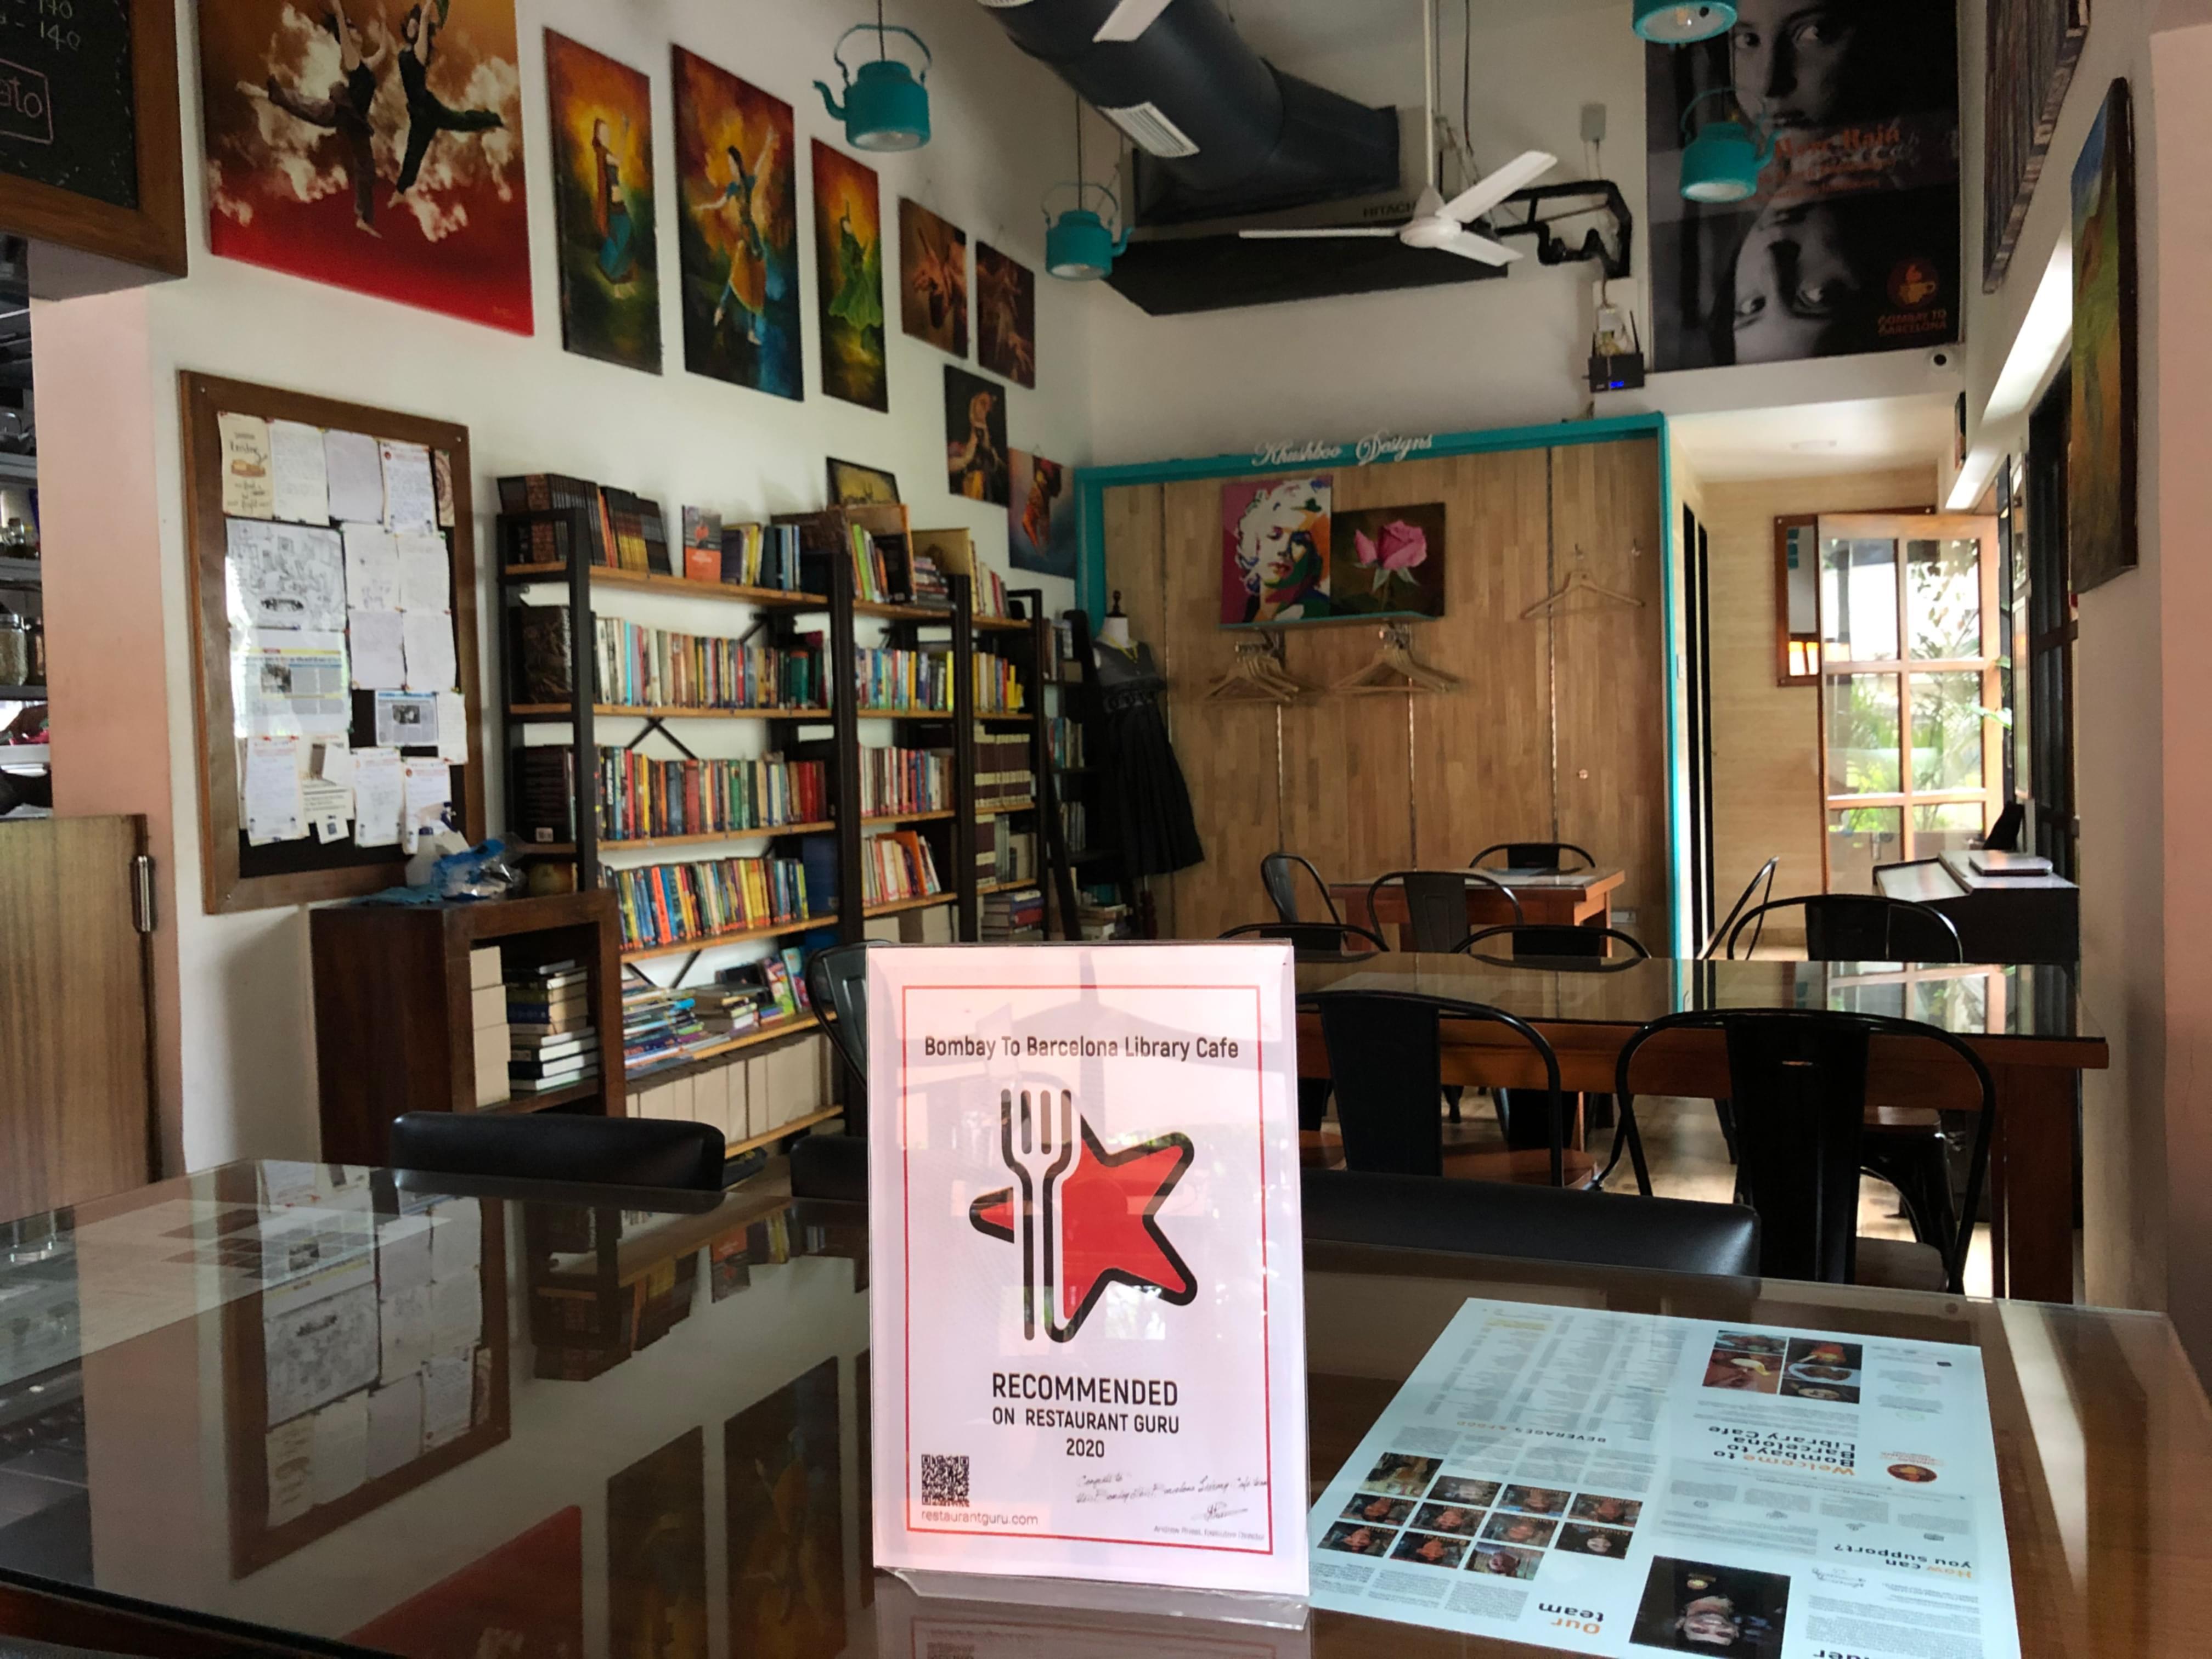 Bombay To Barcelona Library Cafe award